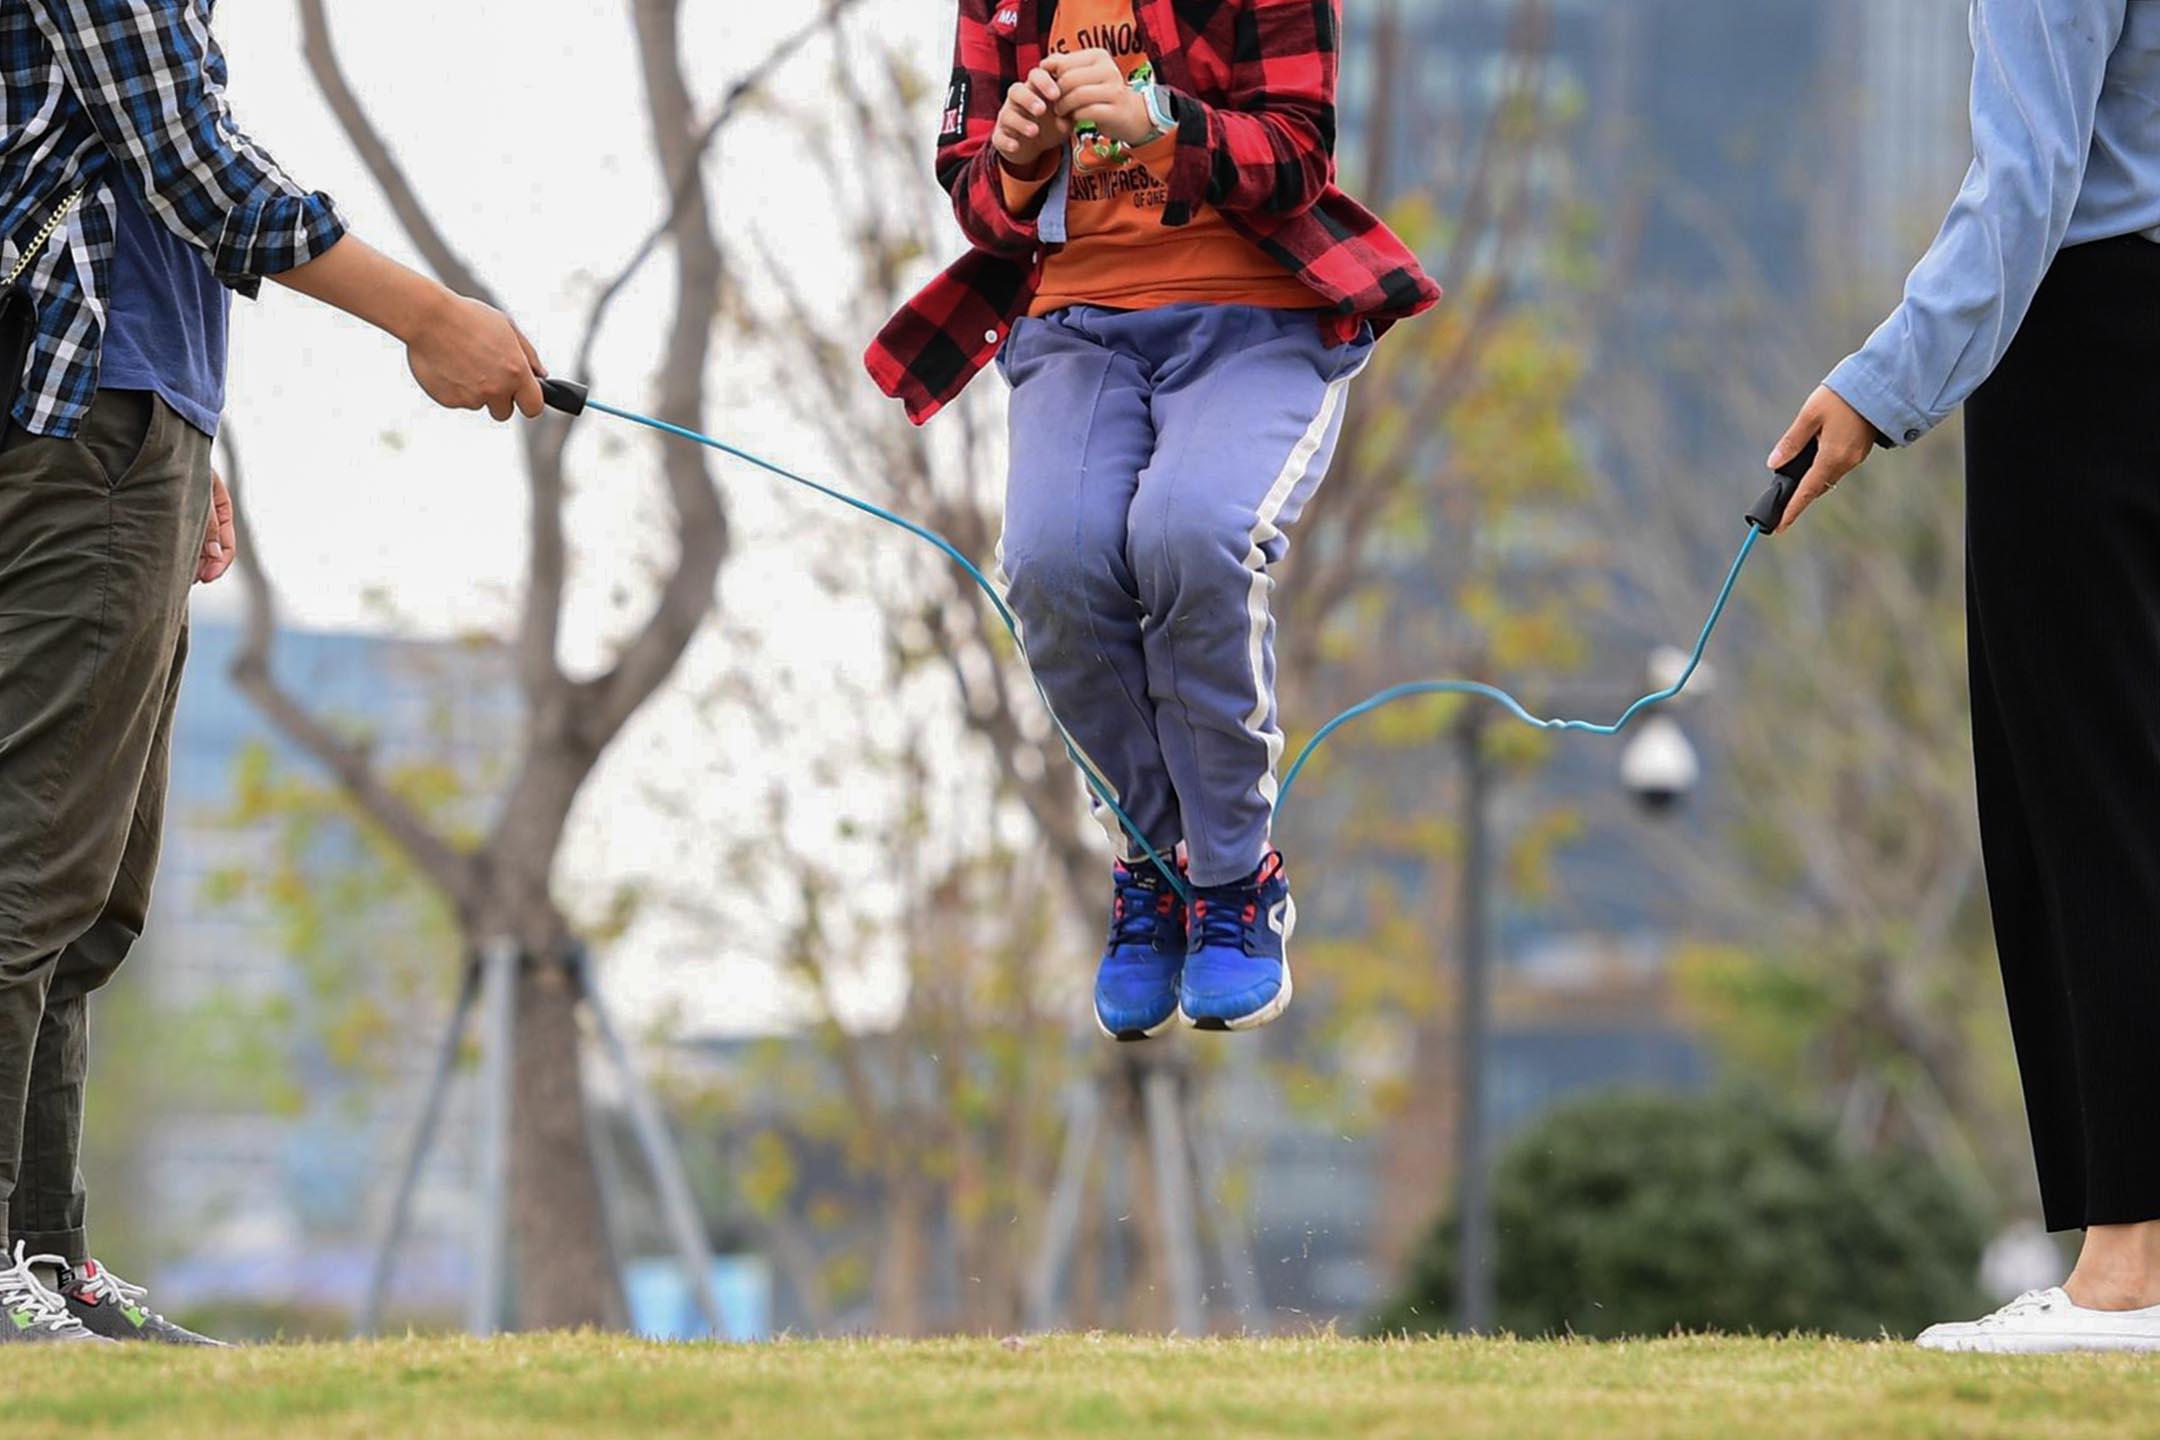 2020年3月8日中國深圳,一個戴著口罩的家庭在中國廣東省深圳市的公園跳繩。 攝:Chen Wen/China News Service via Getty Images